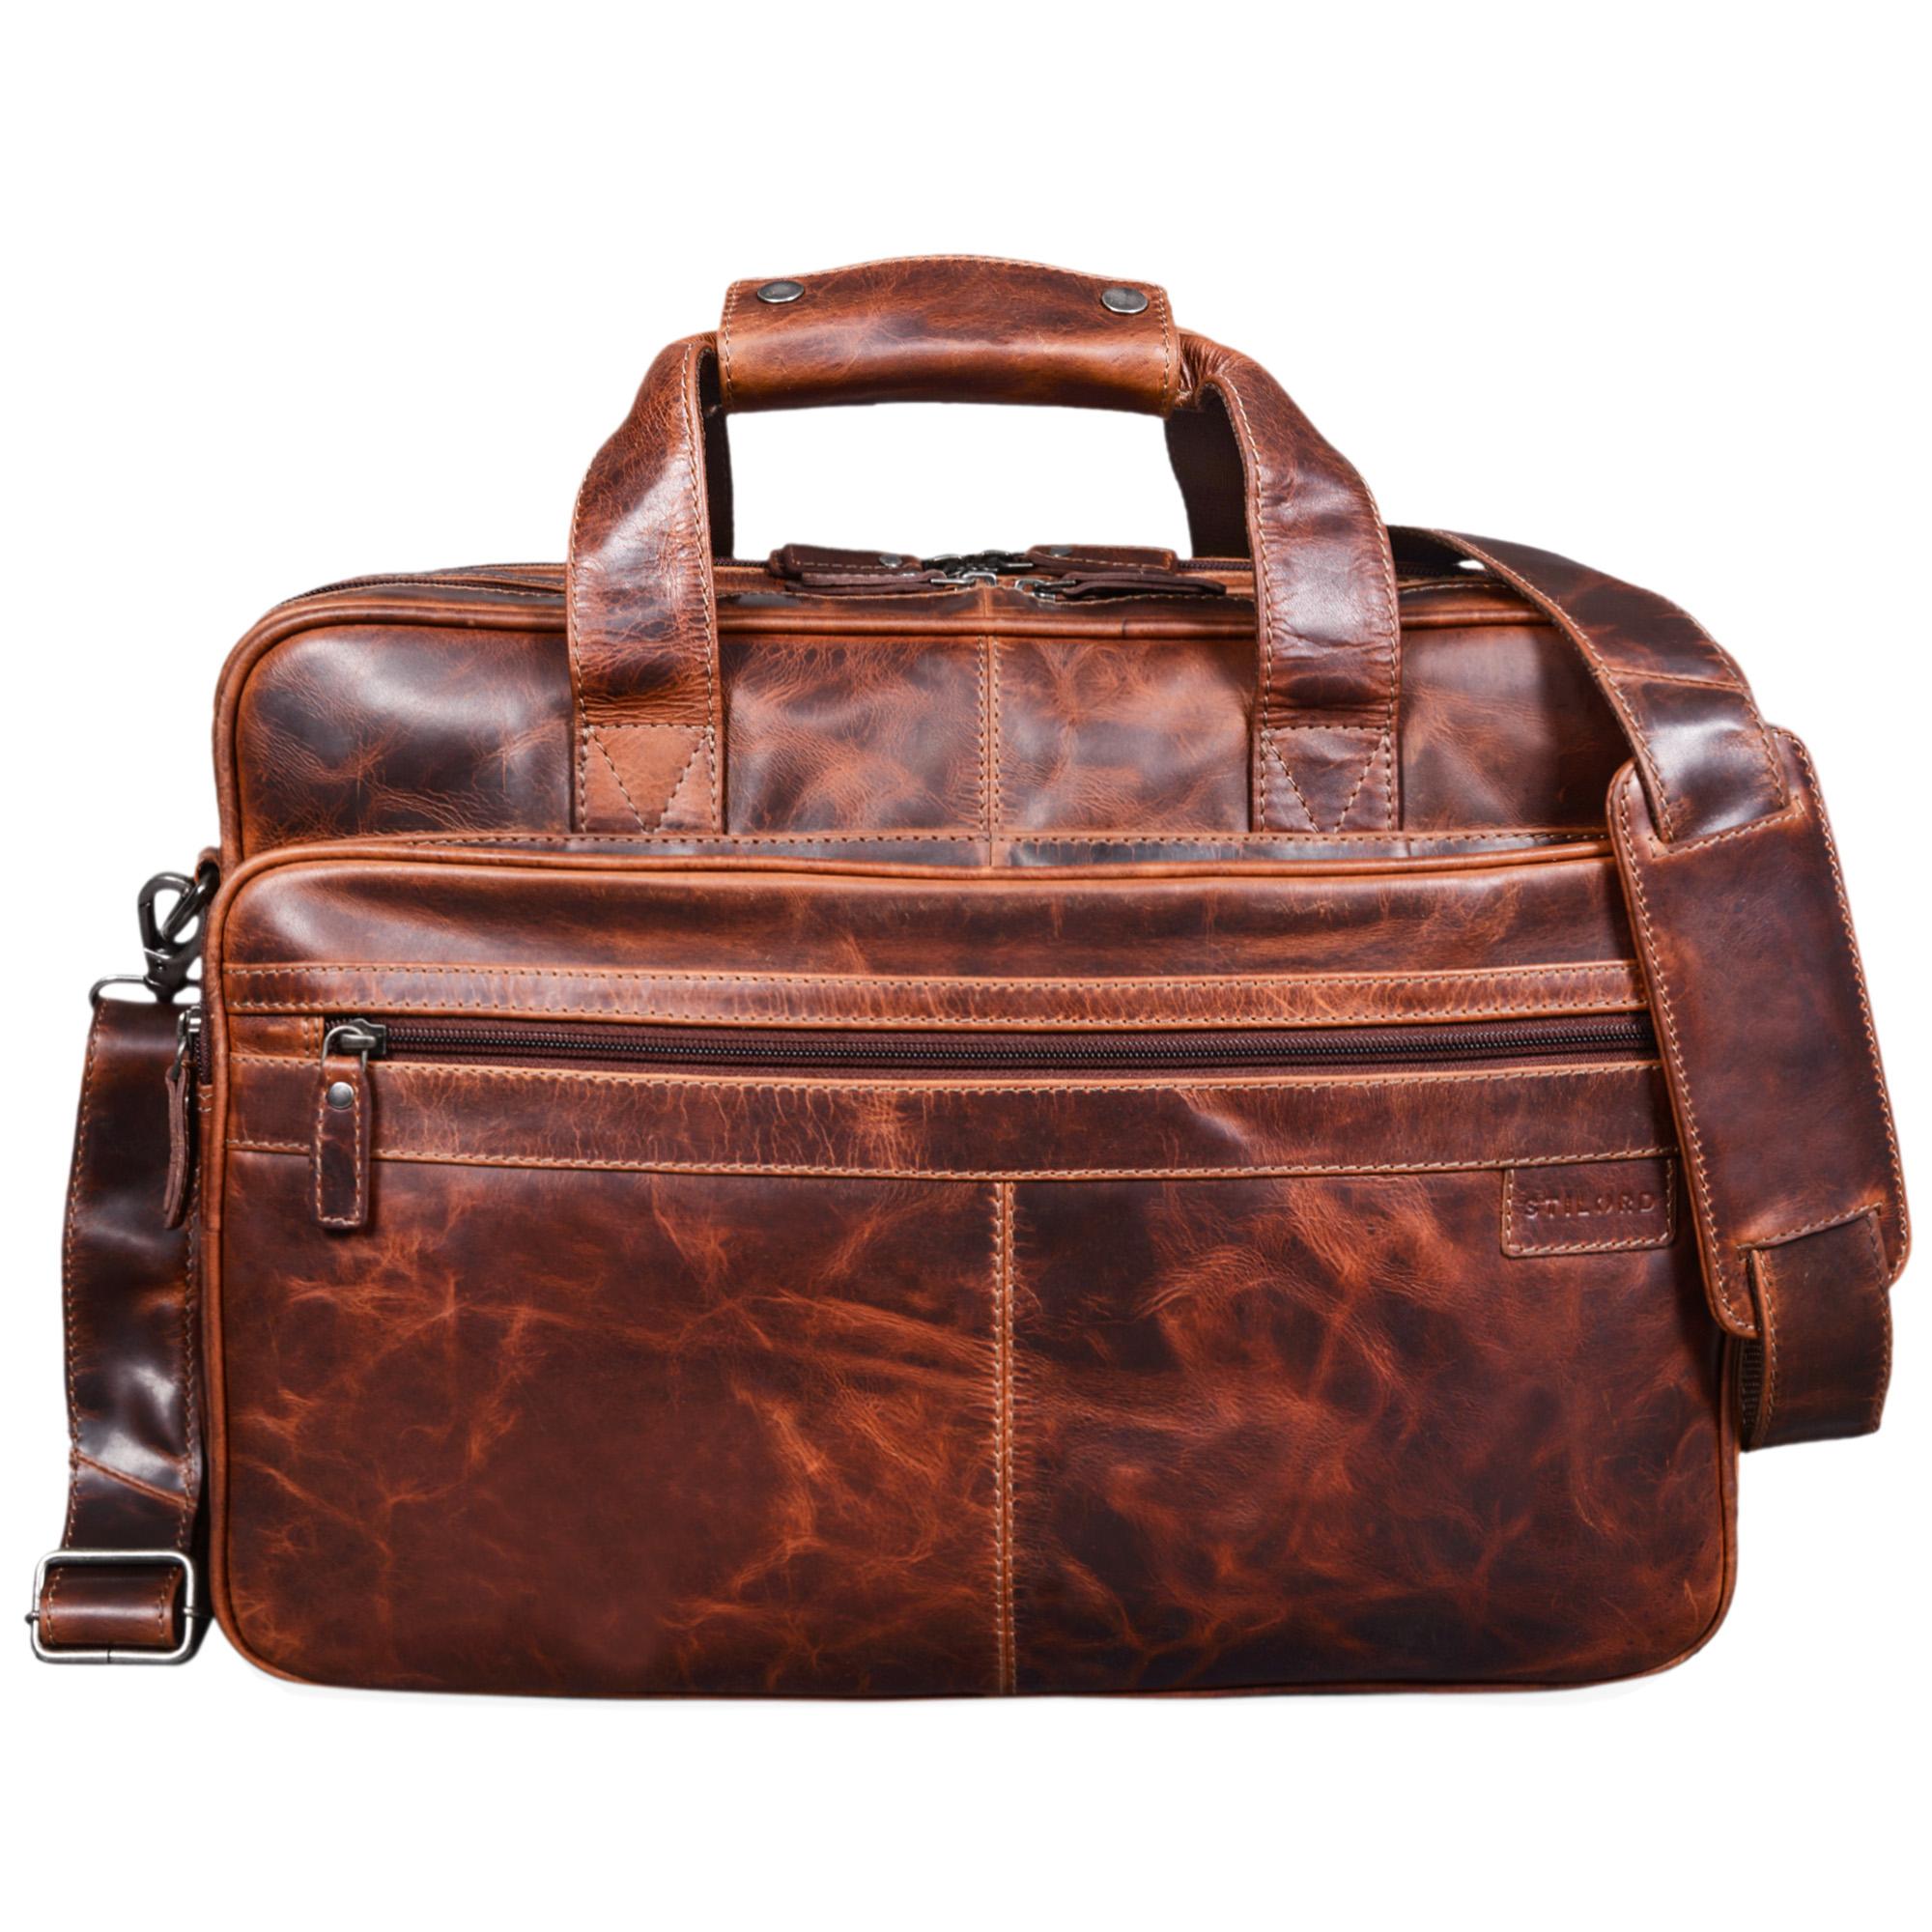 """STILORD """"Atlantis"""" Leder Aktentasche groß Vintage Lehrertasche Arbeitstasche große Ledertasche Businesstasche zum Umhängen Trolley aufsteckbar - Bild 3"""